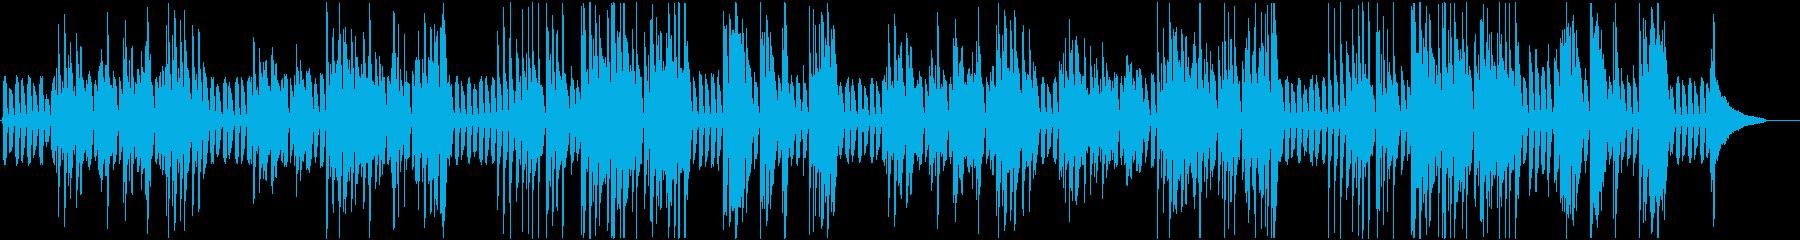 のんびりラグタイム風のピアノの再生済みの波形